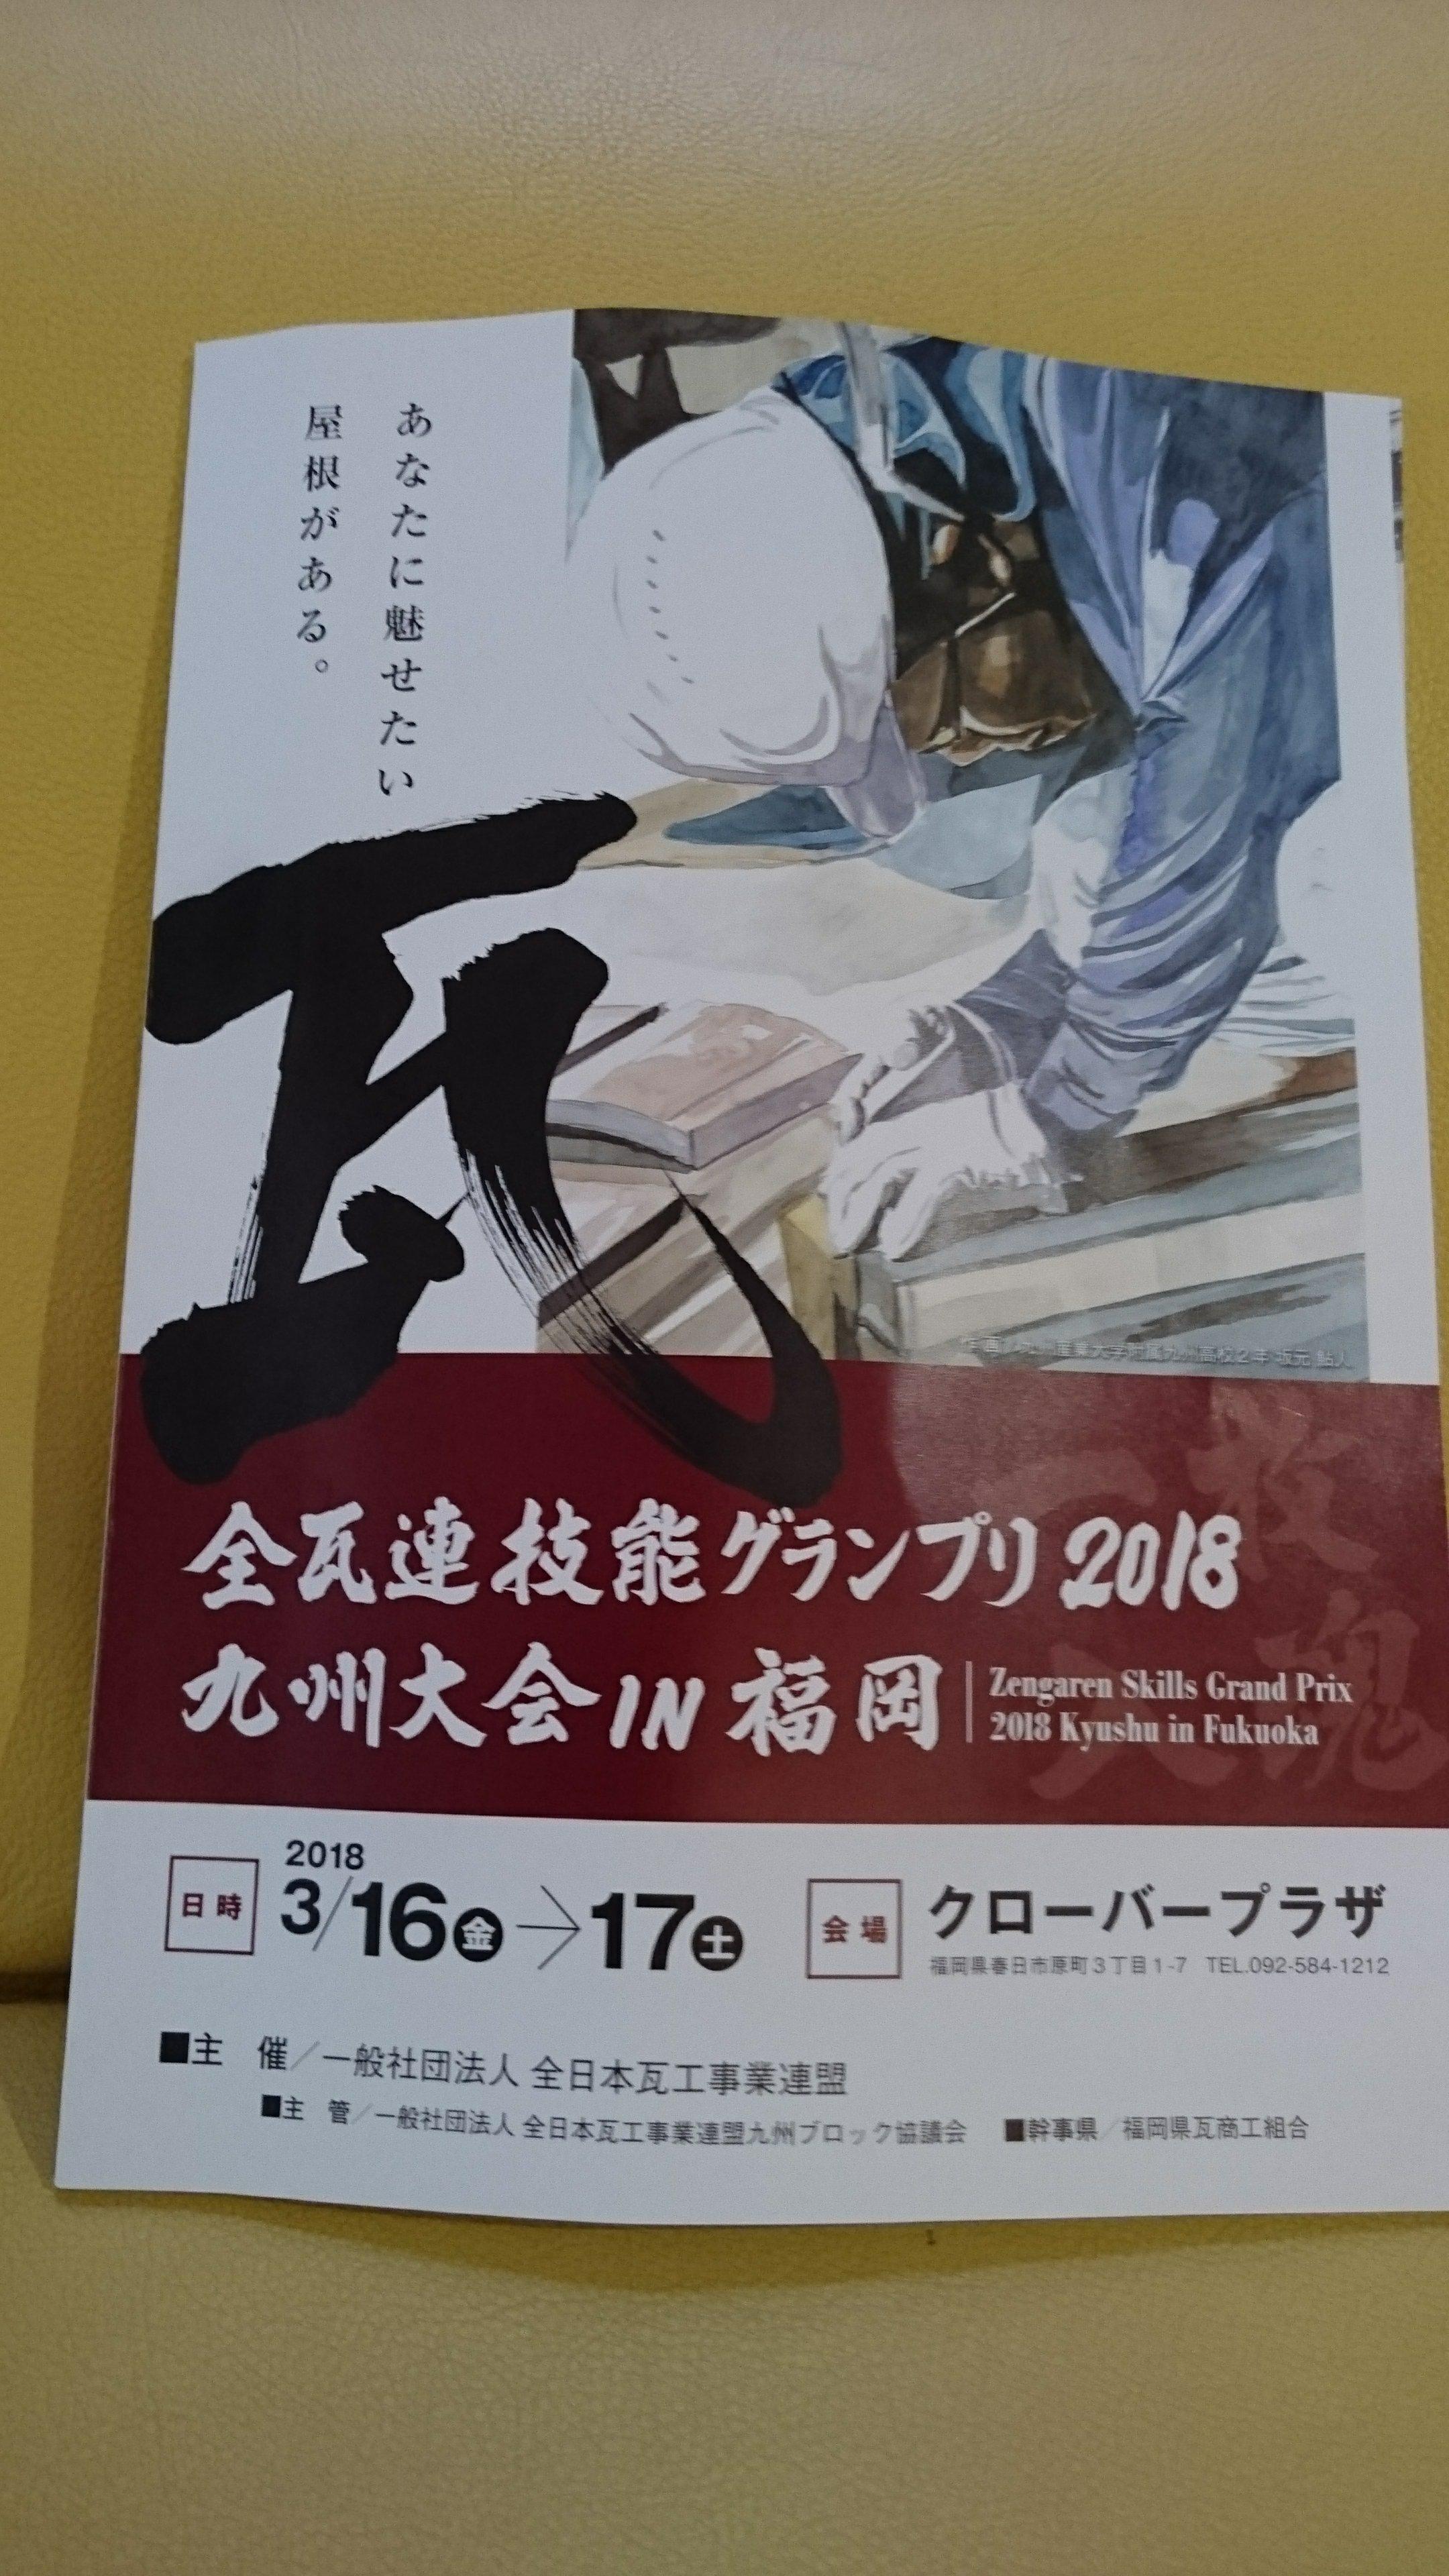 全瓦連技能グランプリ2018九州大会